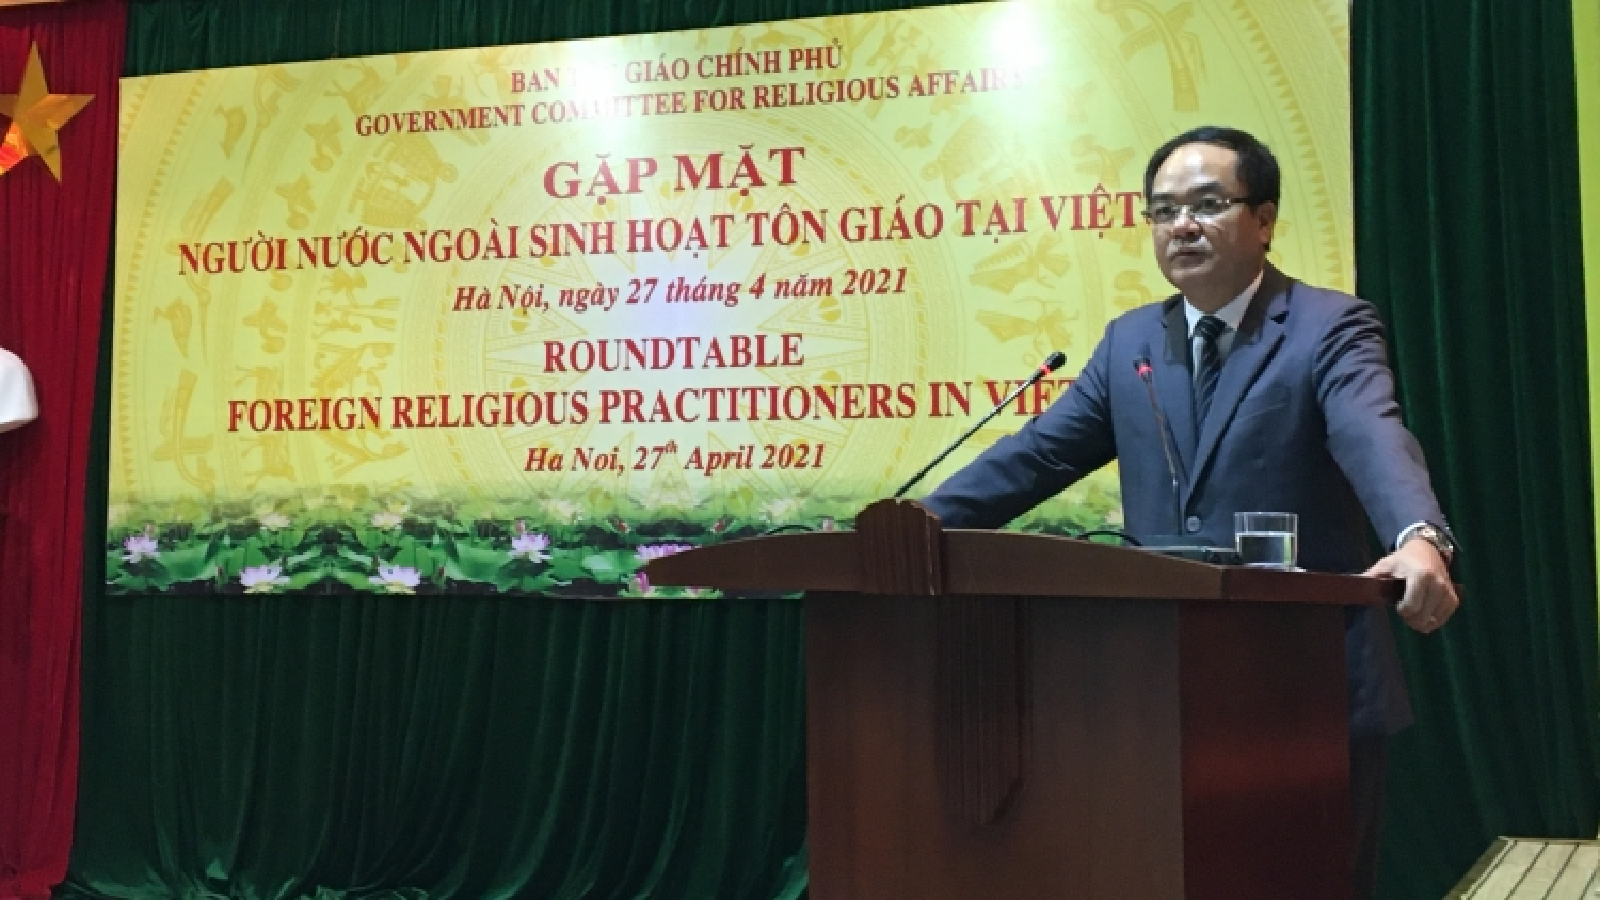 Đảm bảo quyền tự do tín ngưỡng, tôn giáo cho người nước ngoài cư trú hợp pháp tại Việt Nam